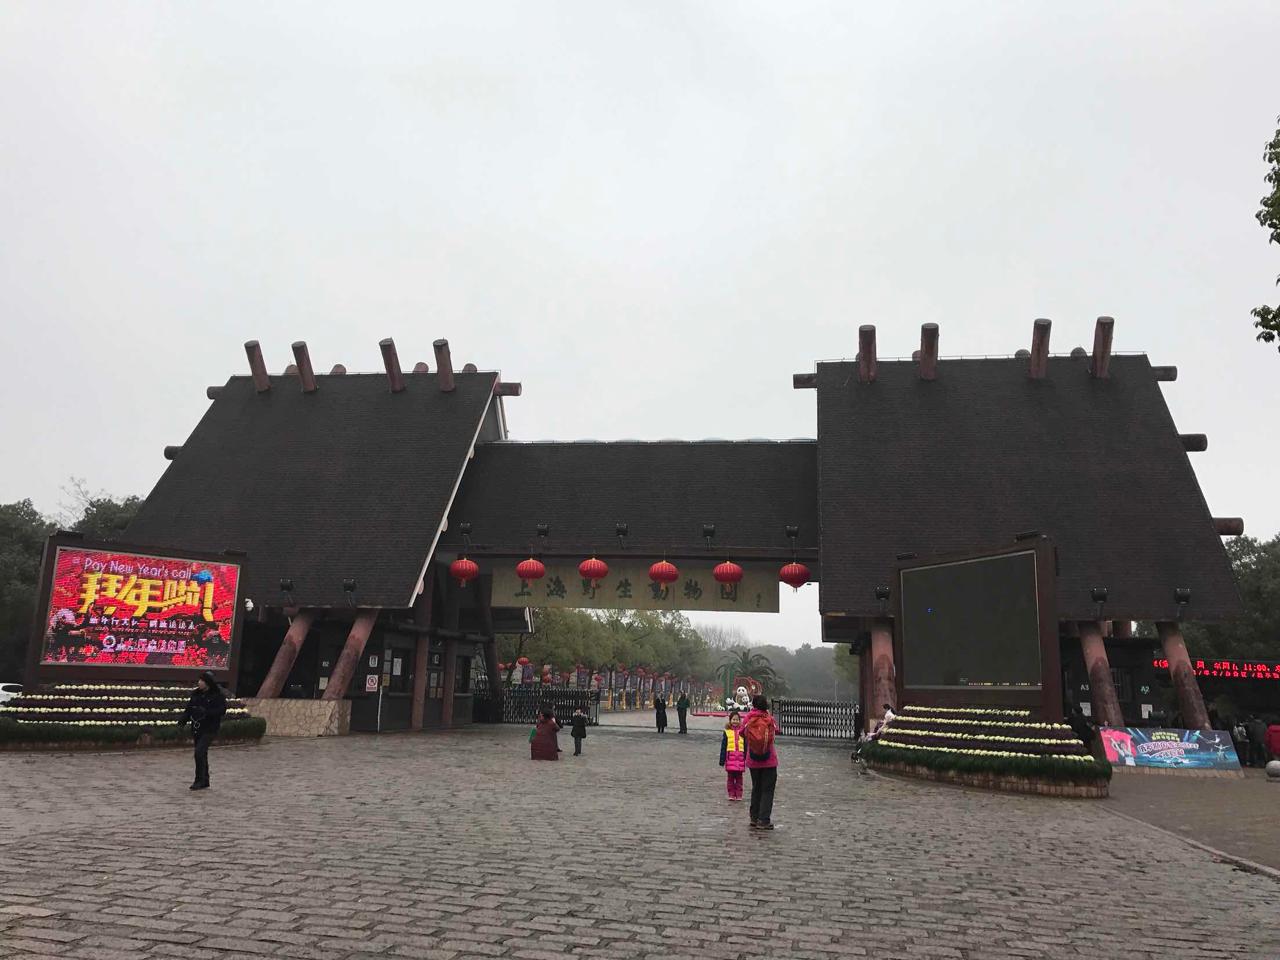 上海野生动物园   骑乘大象亲吻海狮体验成人套票(含入园票 猛兽区